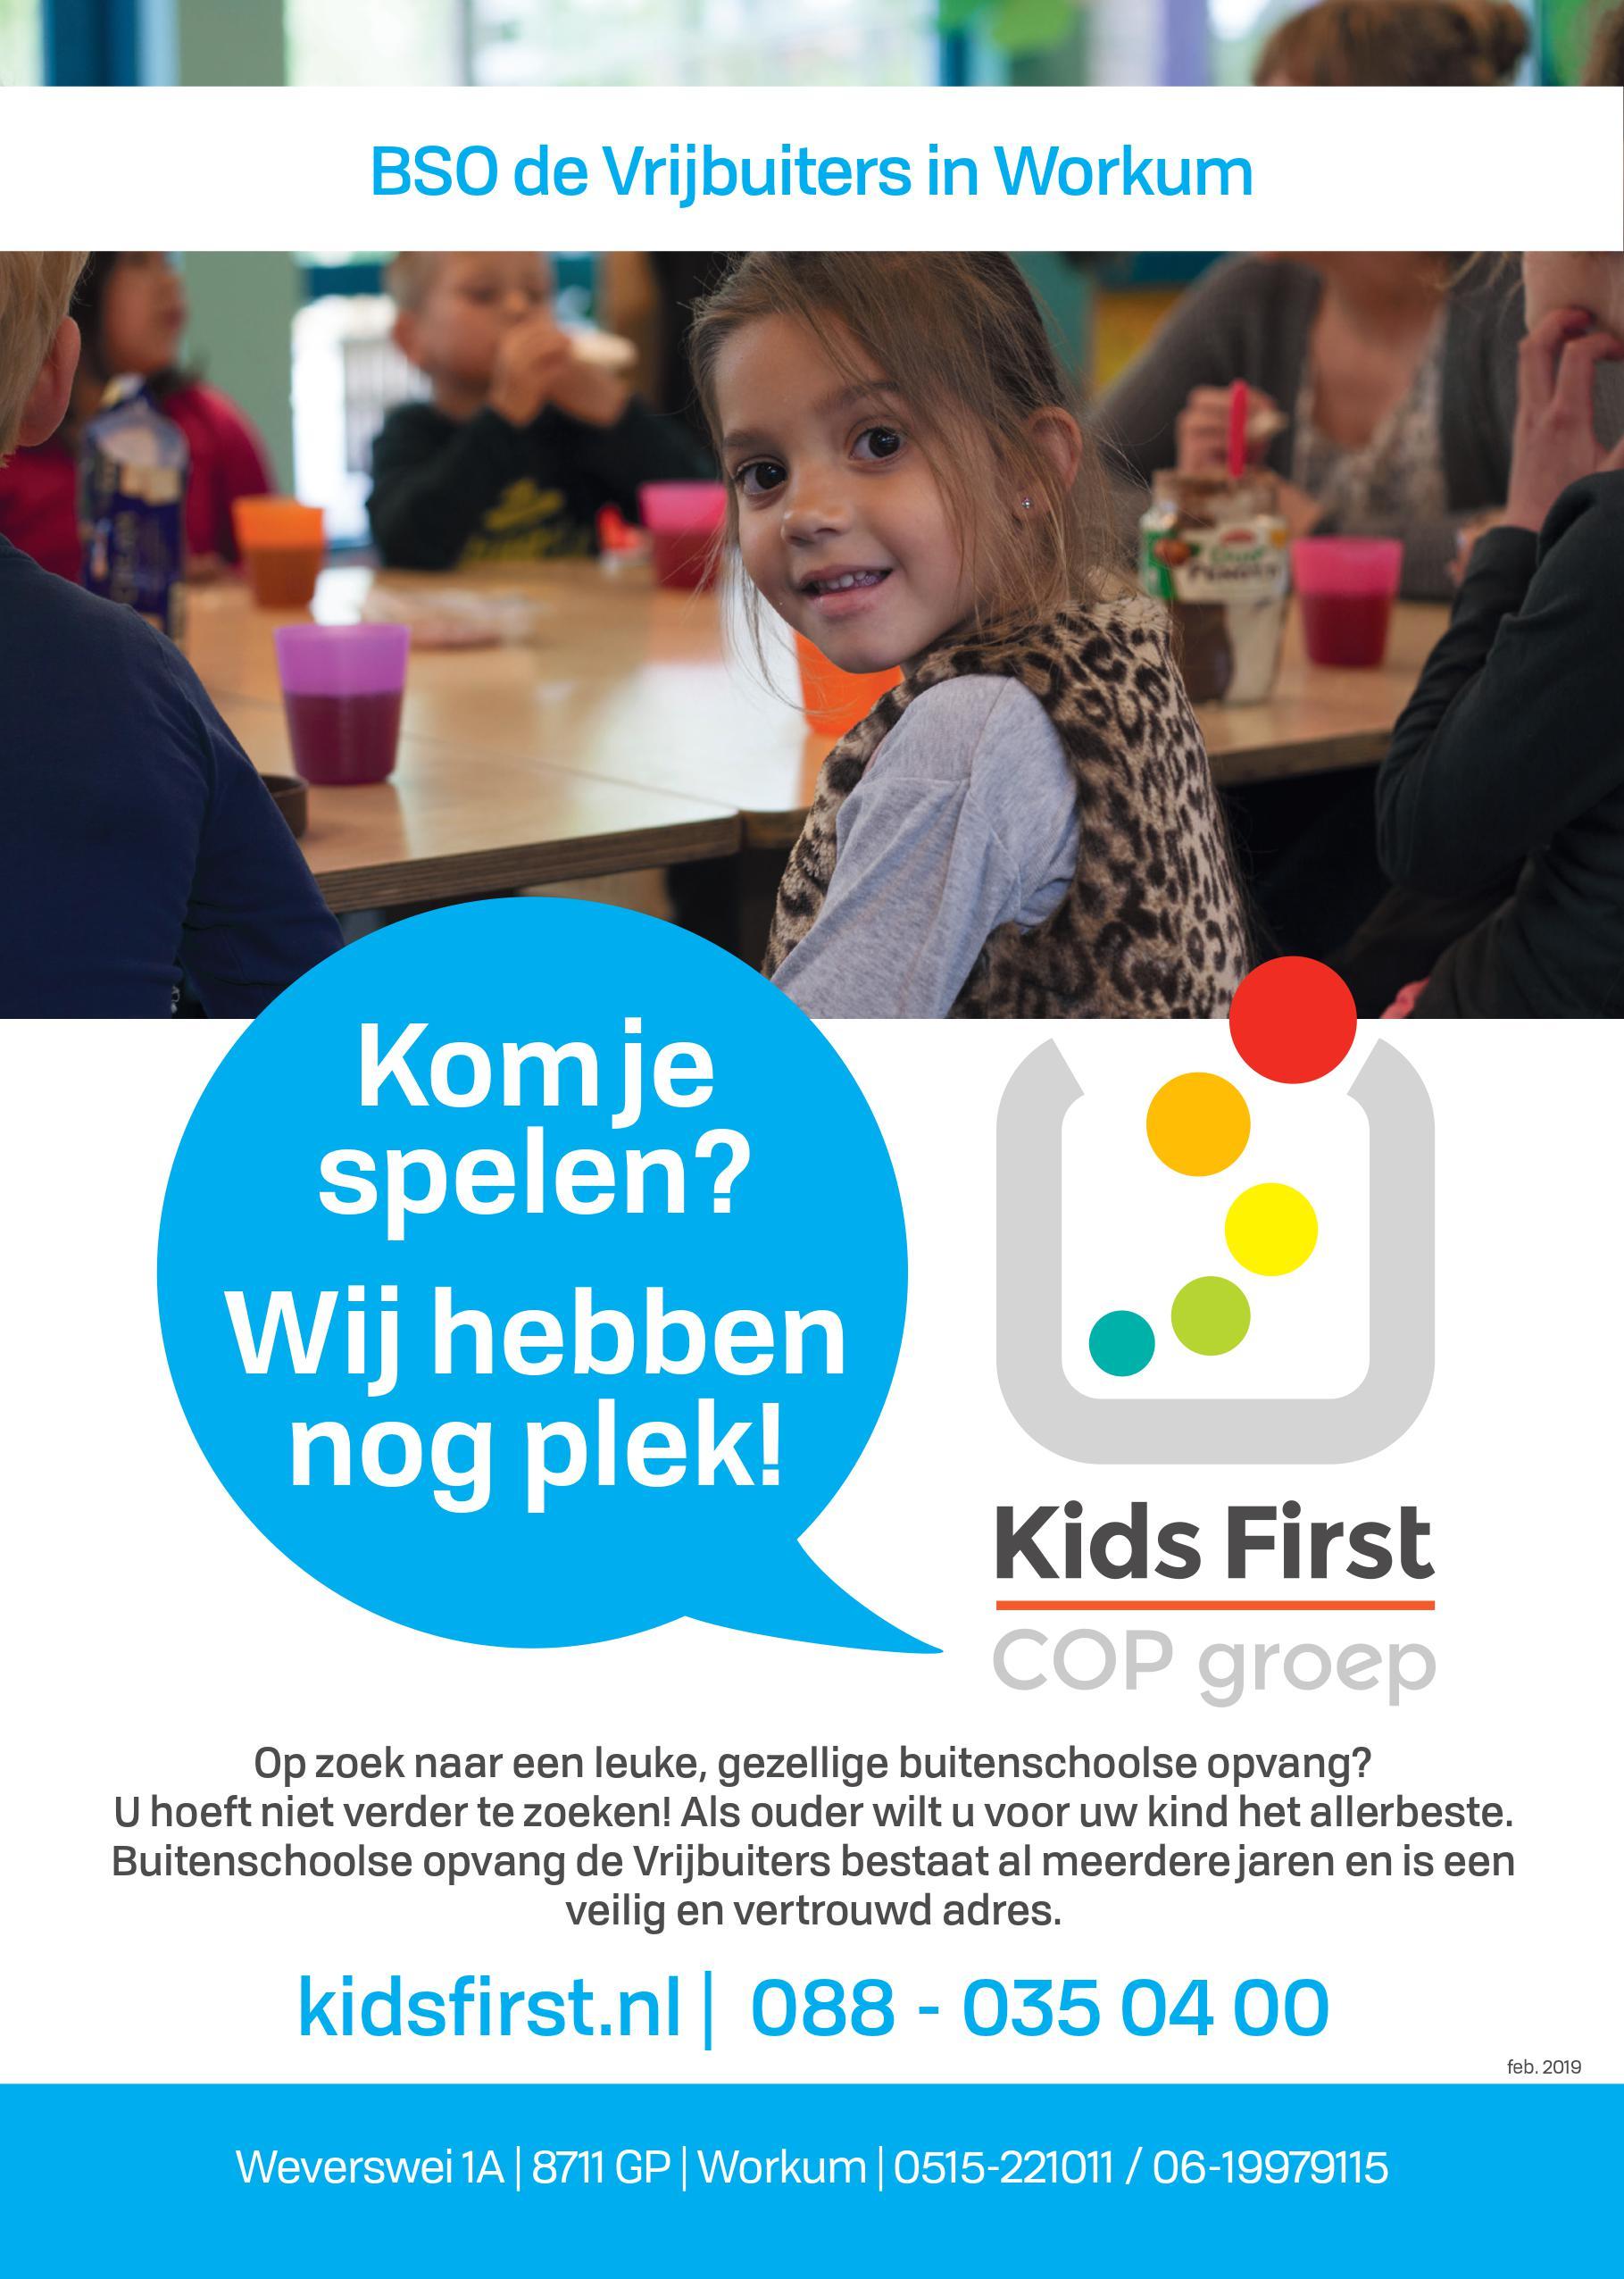 BSO De Vrijbuiters in Workum - Kids First COP groep